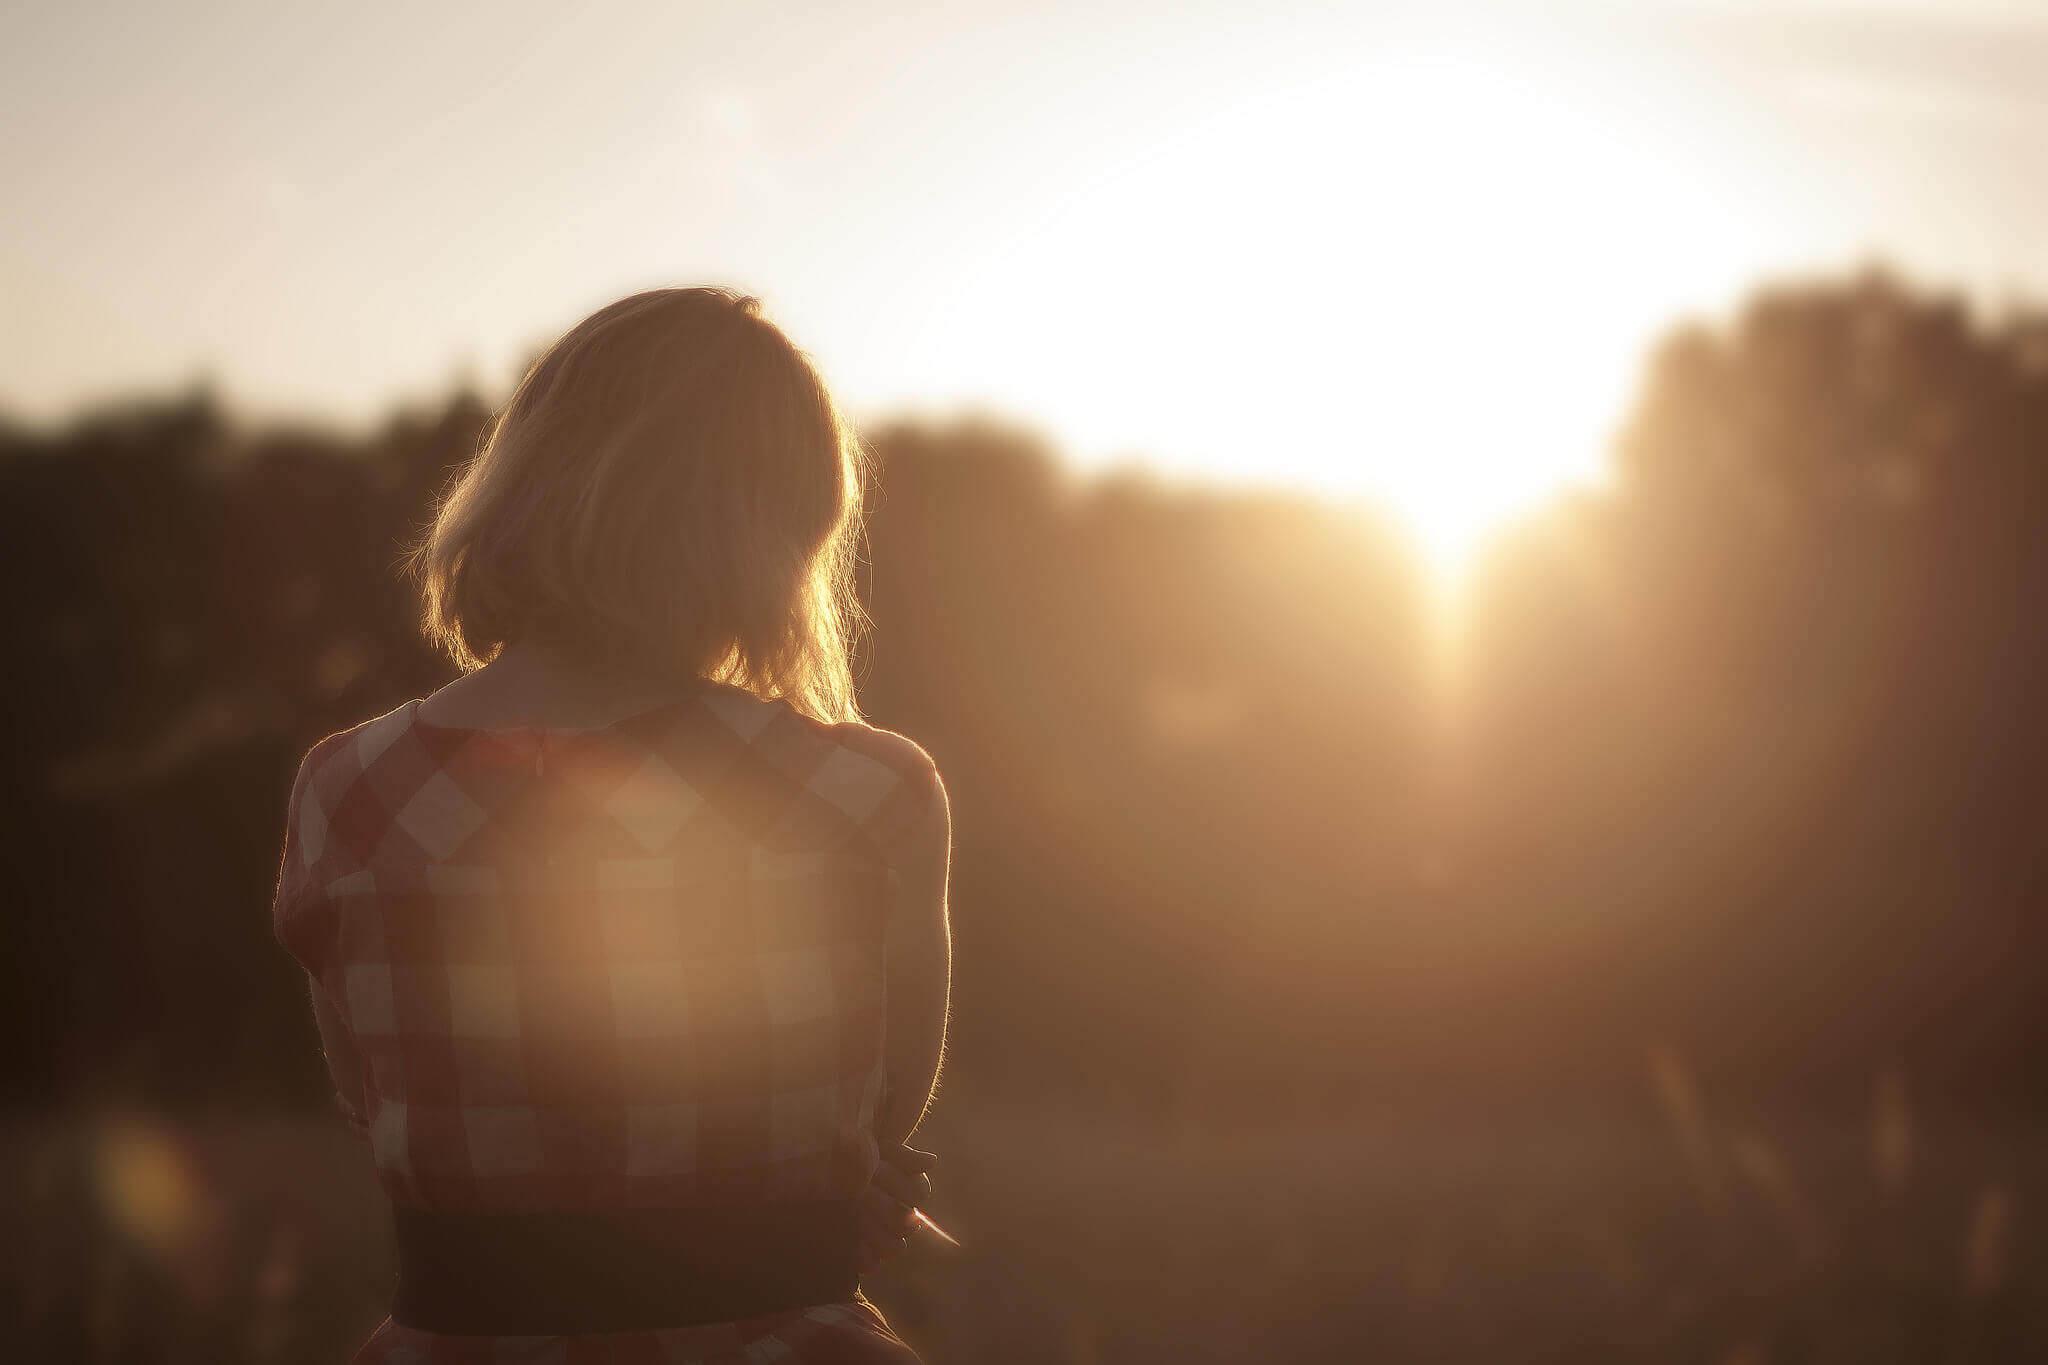 Mulher observando o sol